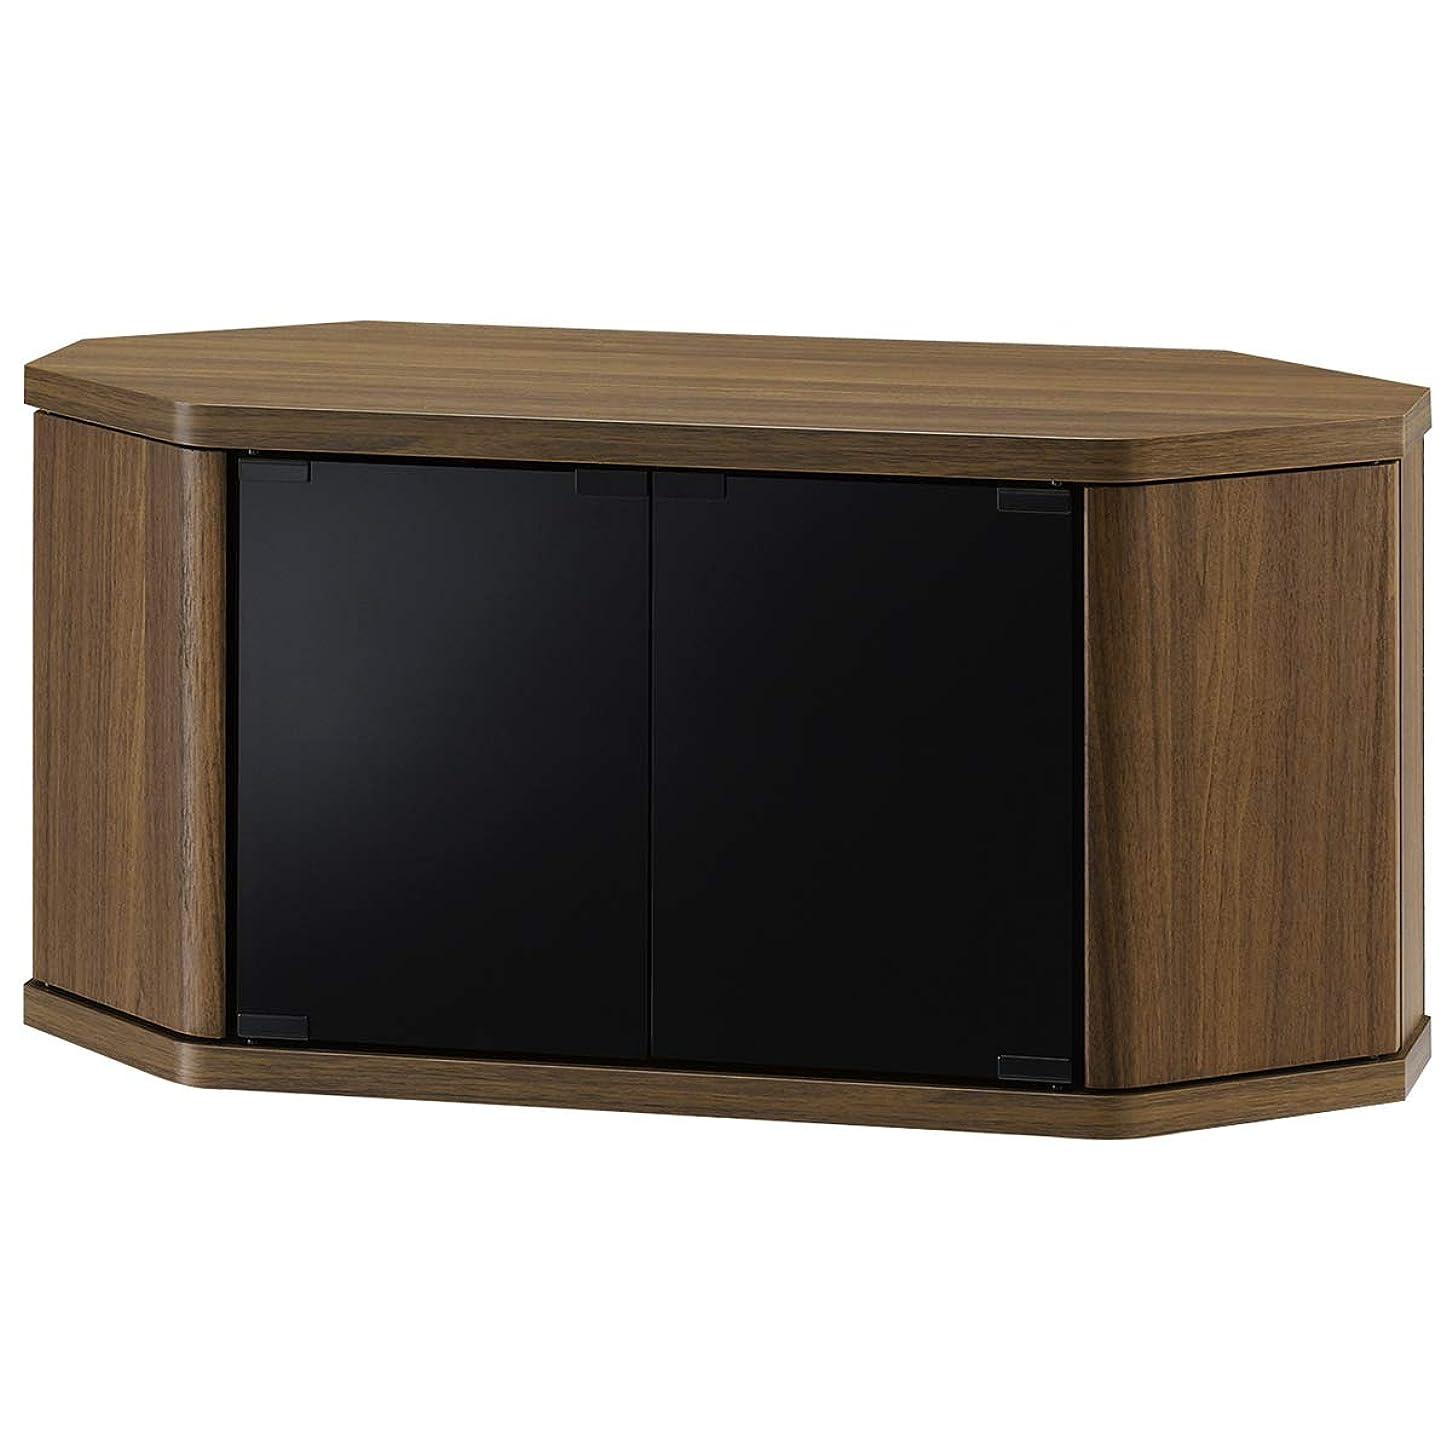 退屈バラエティ三朝日木材加工 テレビ台 RACINE 32型 幅79cm ブラウン キャスター付き コーナー対応 RCA-800AV-CR